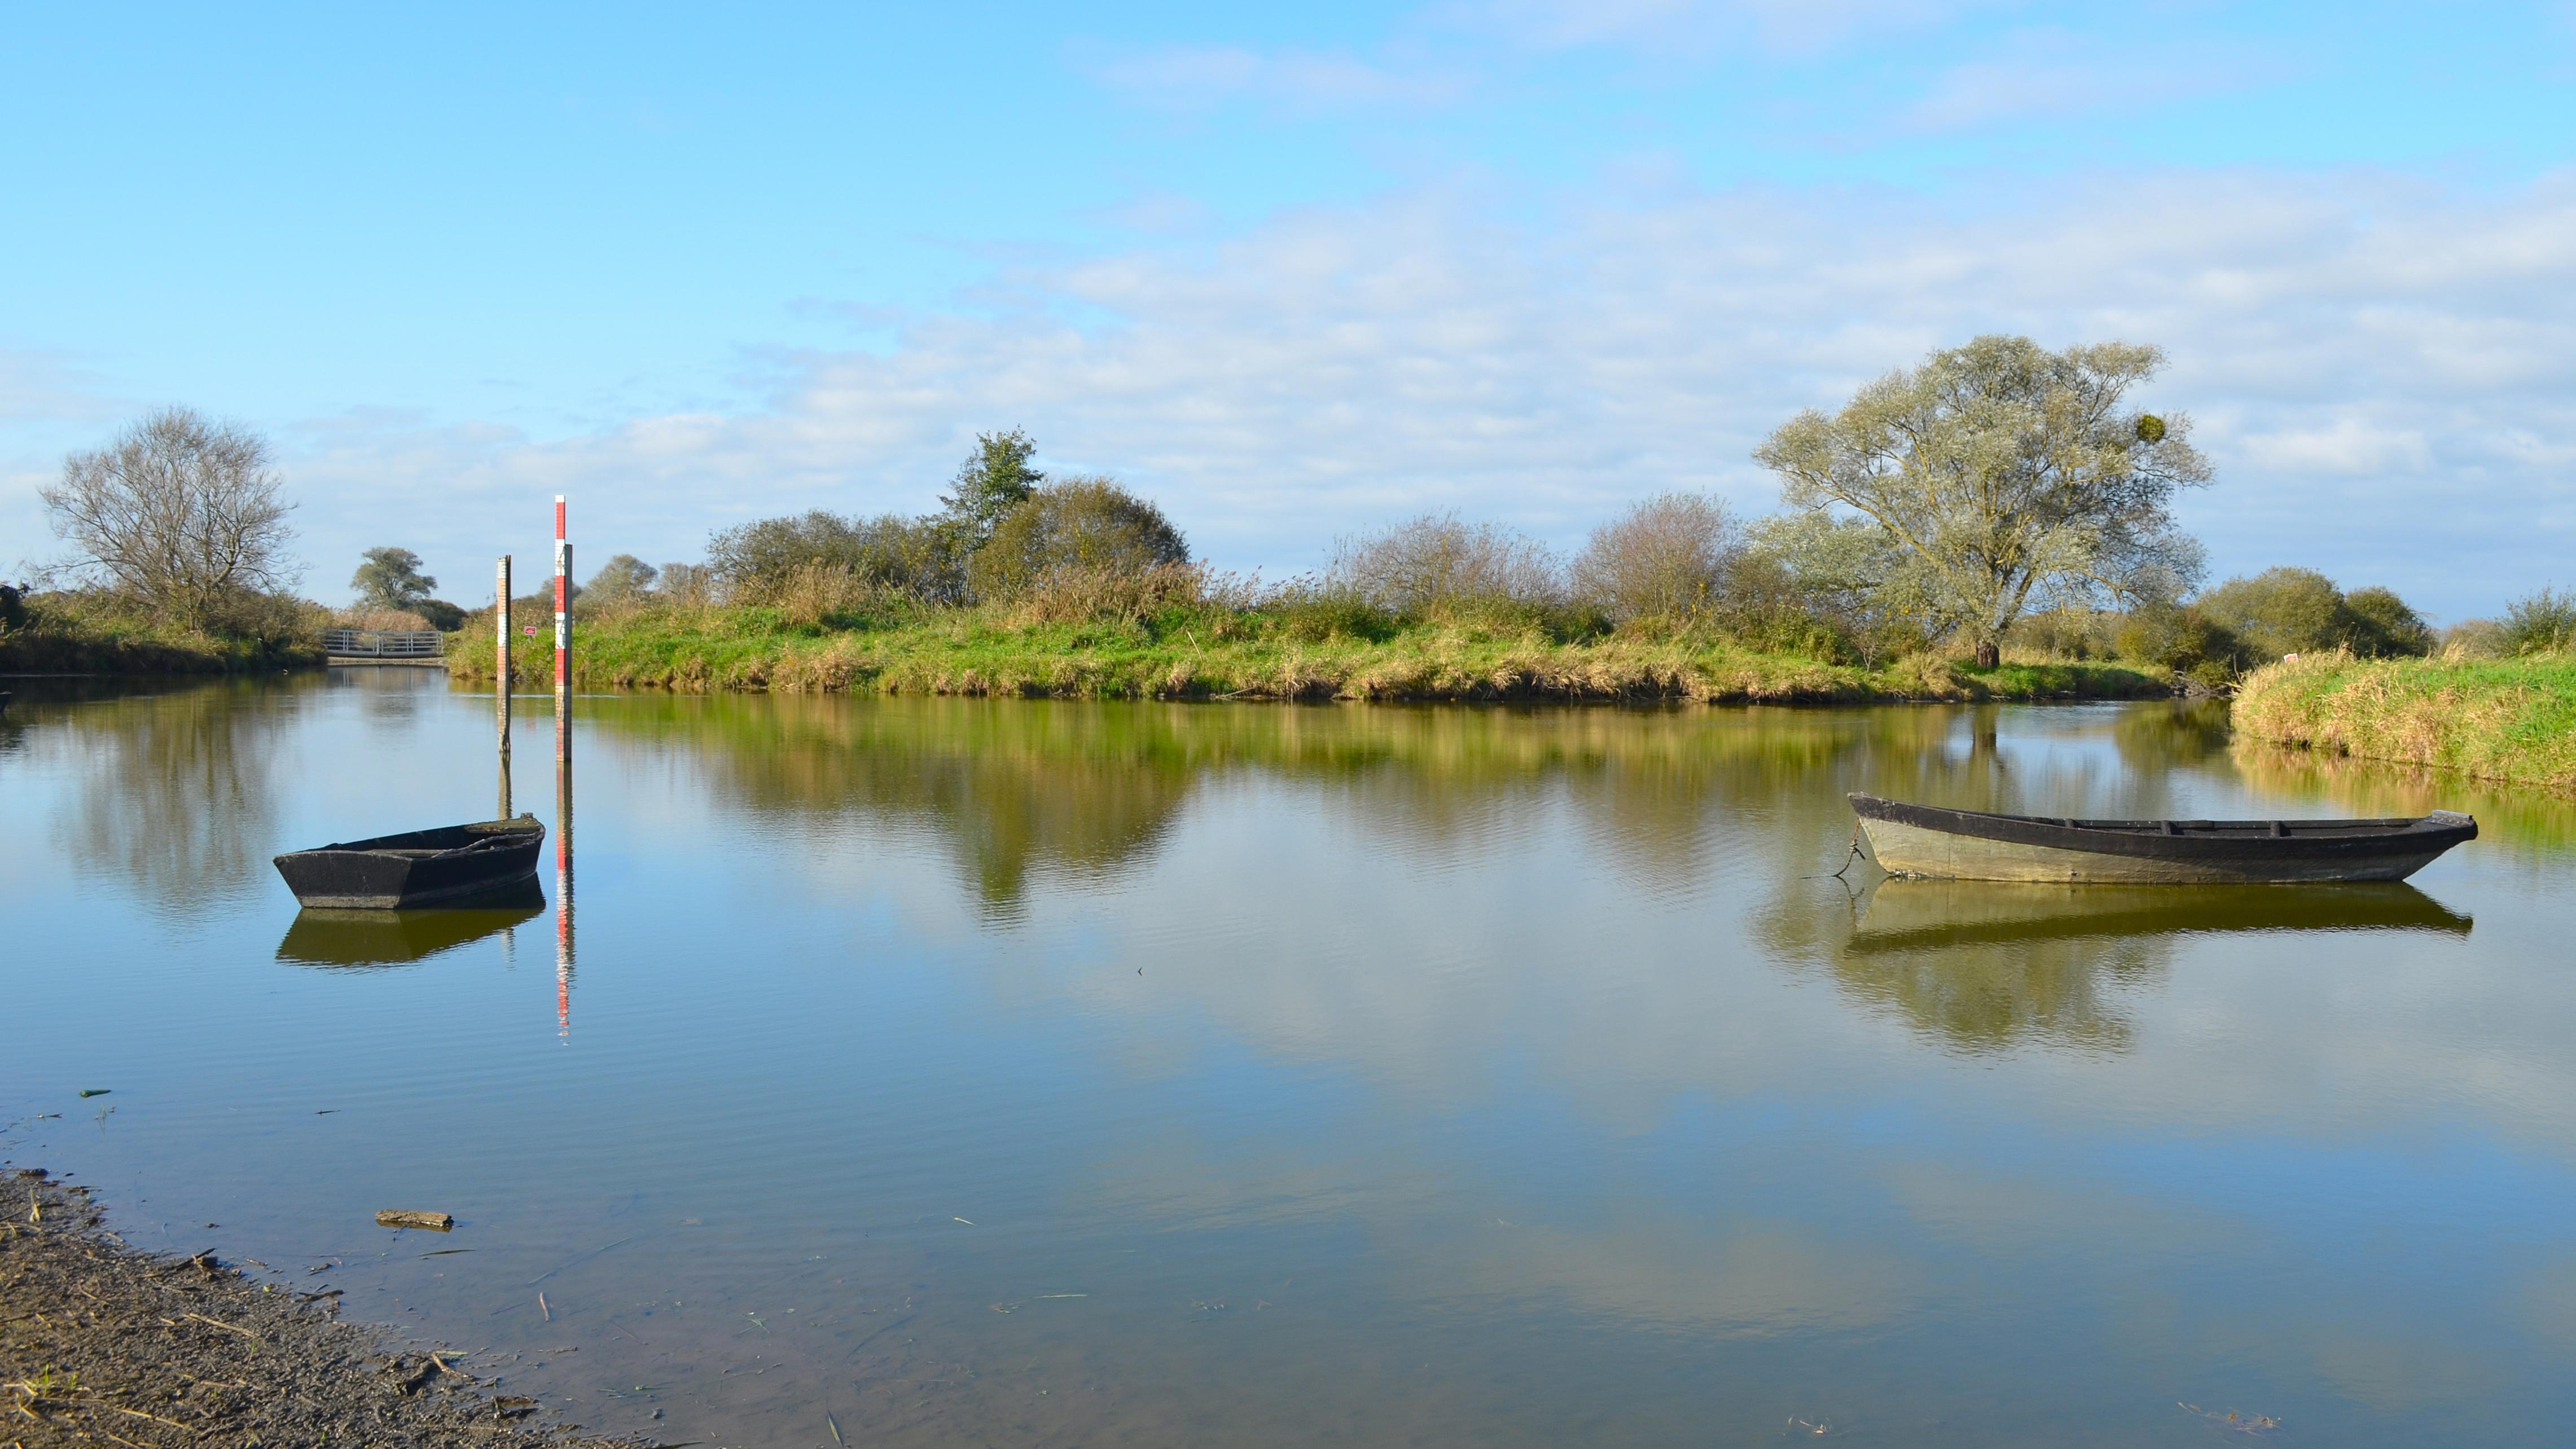 Lac de Grand-Lieu, site de Passay - La Chevrolière (Loire-Atlantique)